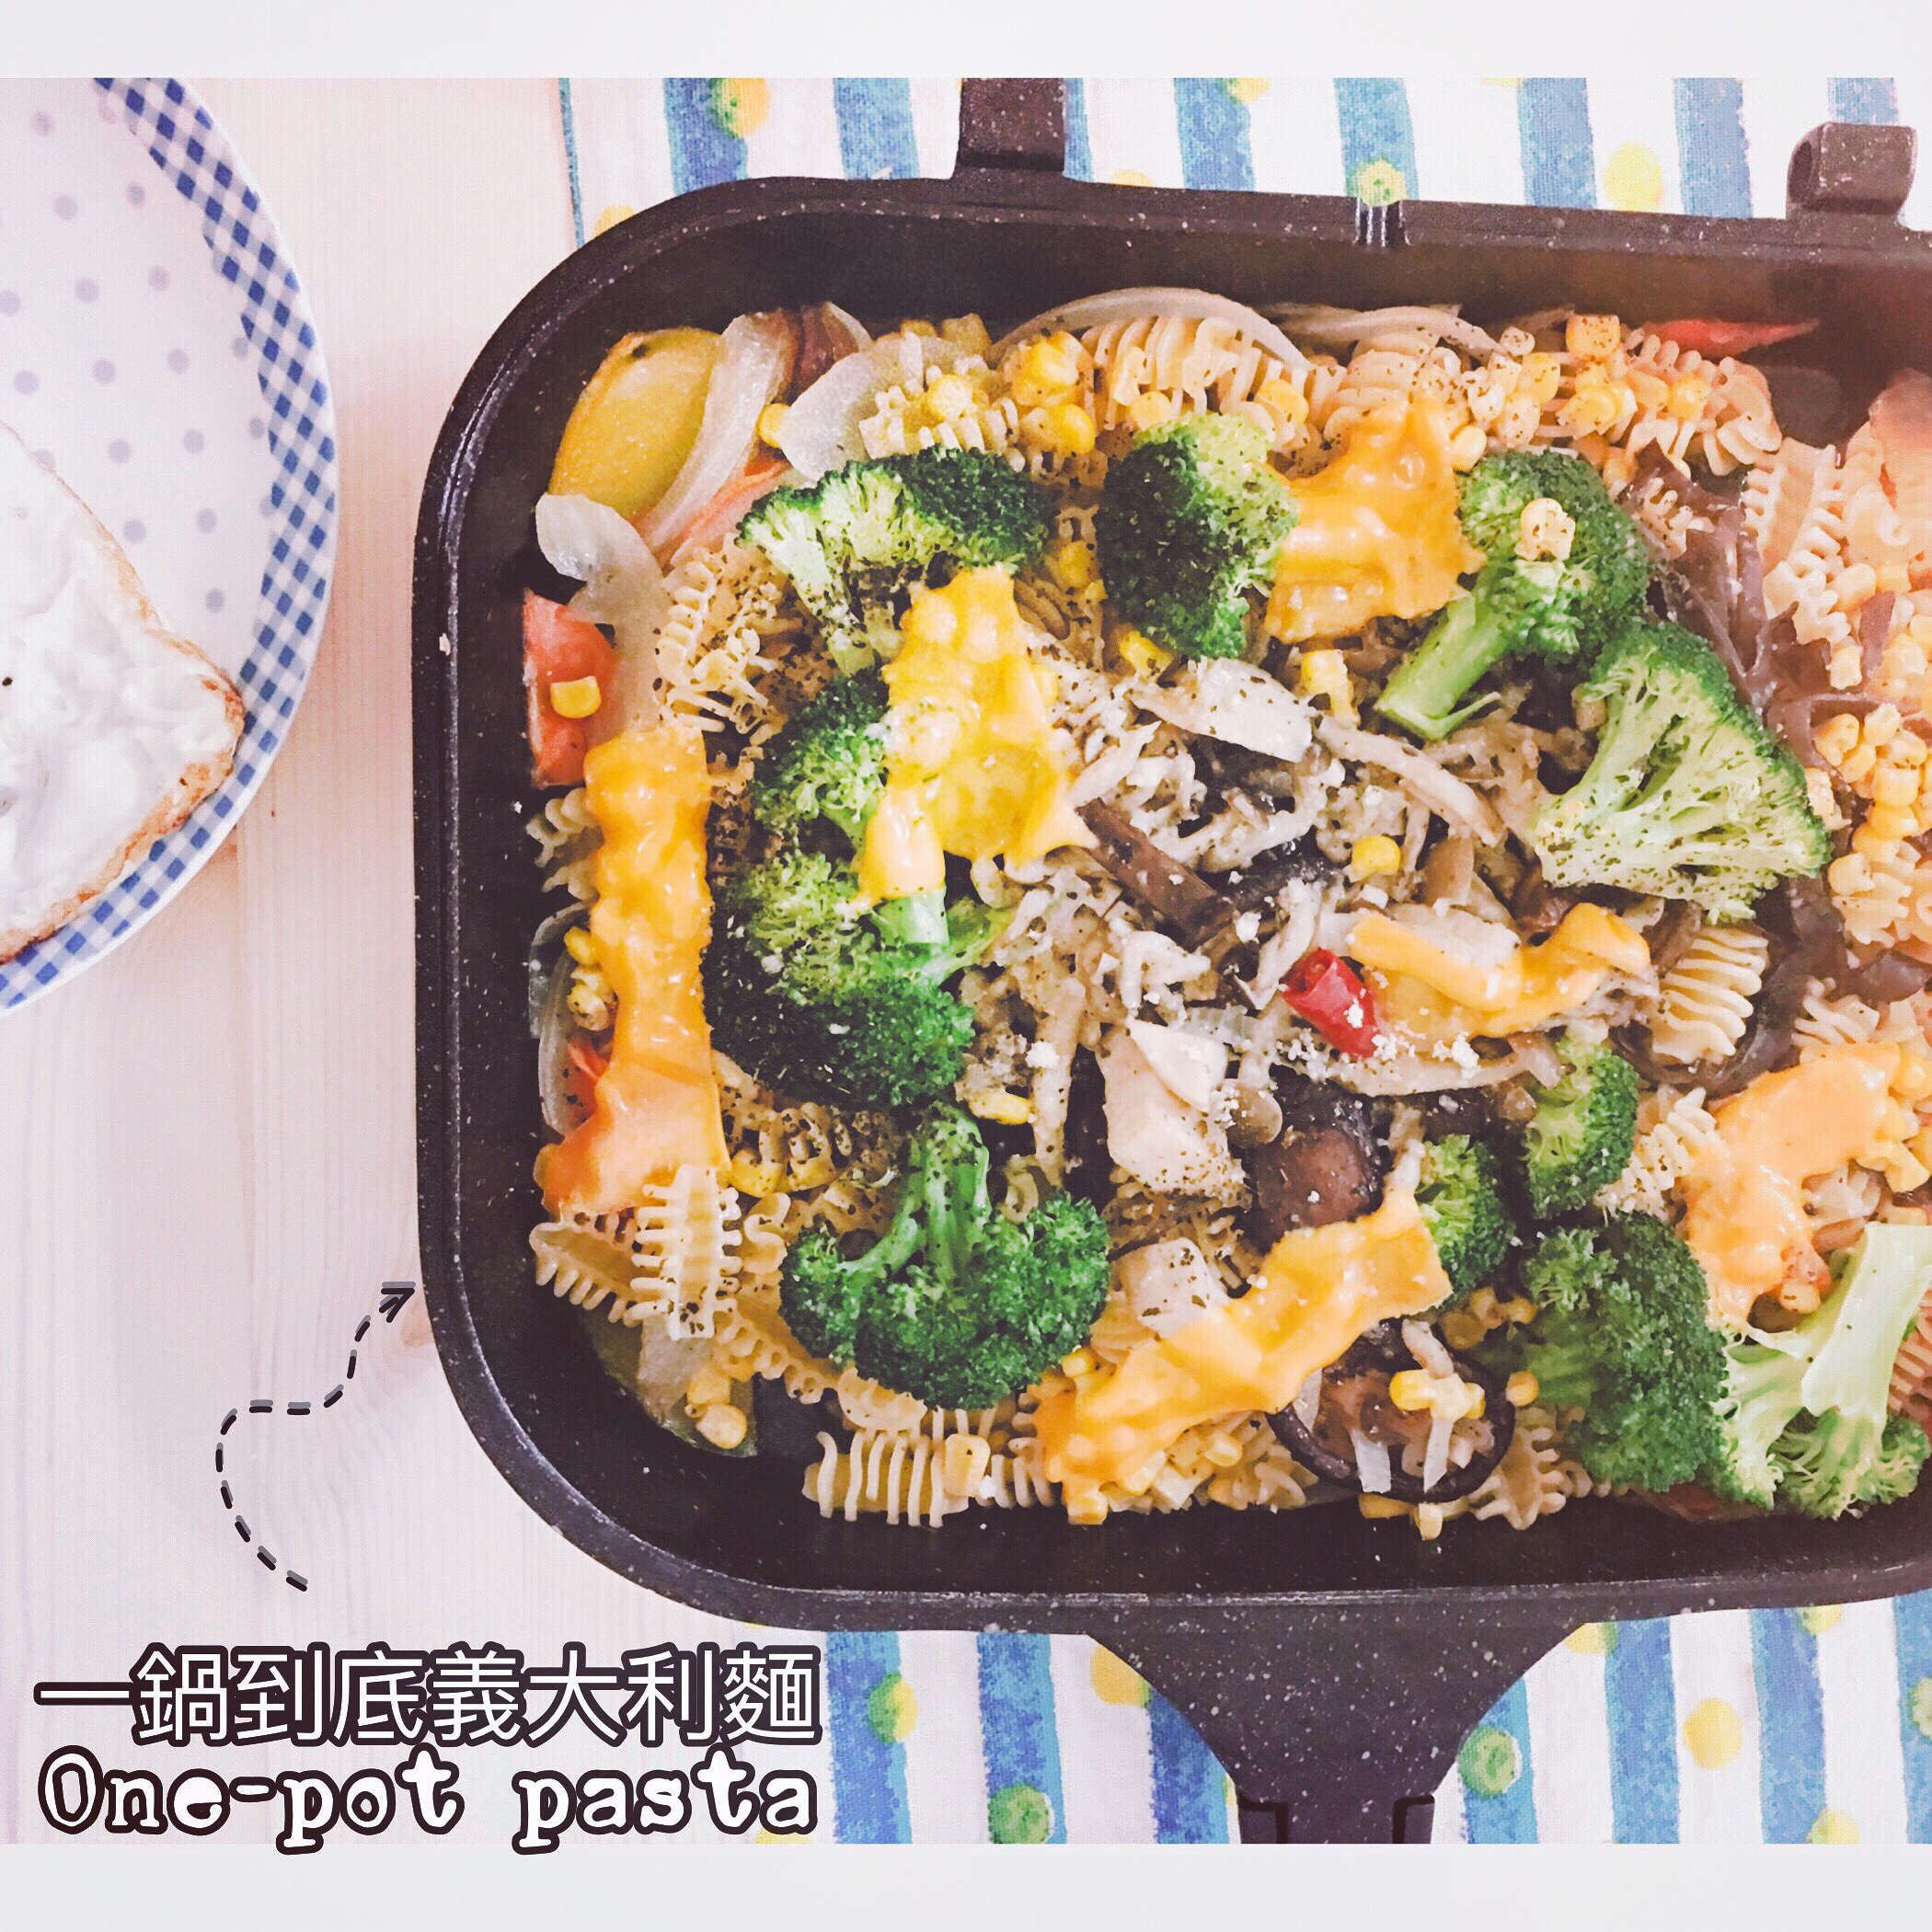 耶只要洗一個鍋之[一鍋到底義大利麵]-香料炒菇義大利麵 – 捲捲的蔬食生活